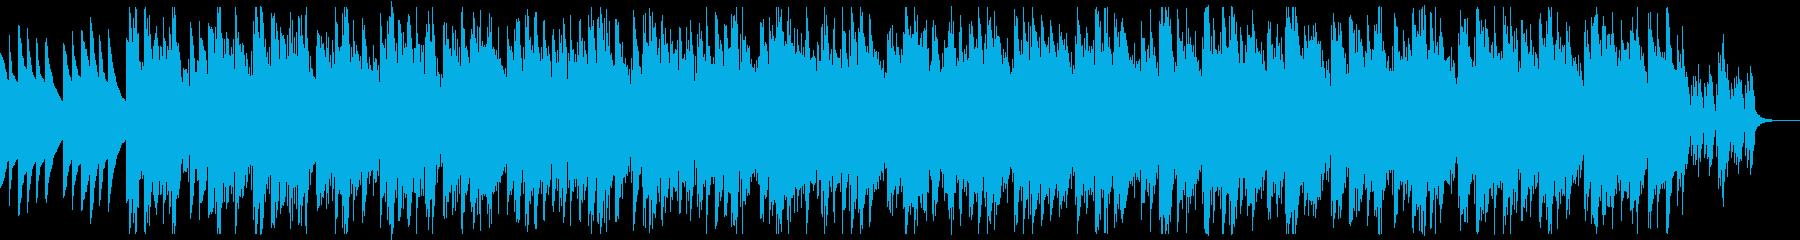 不穏でミステリアスなミニマルミュージックの再生済みの波形